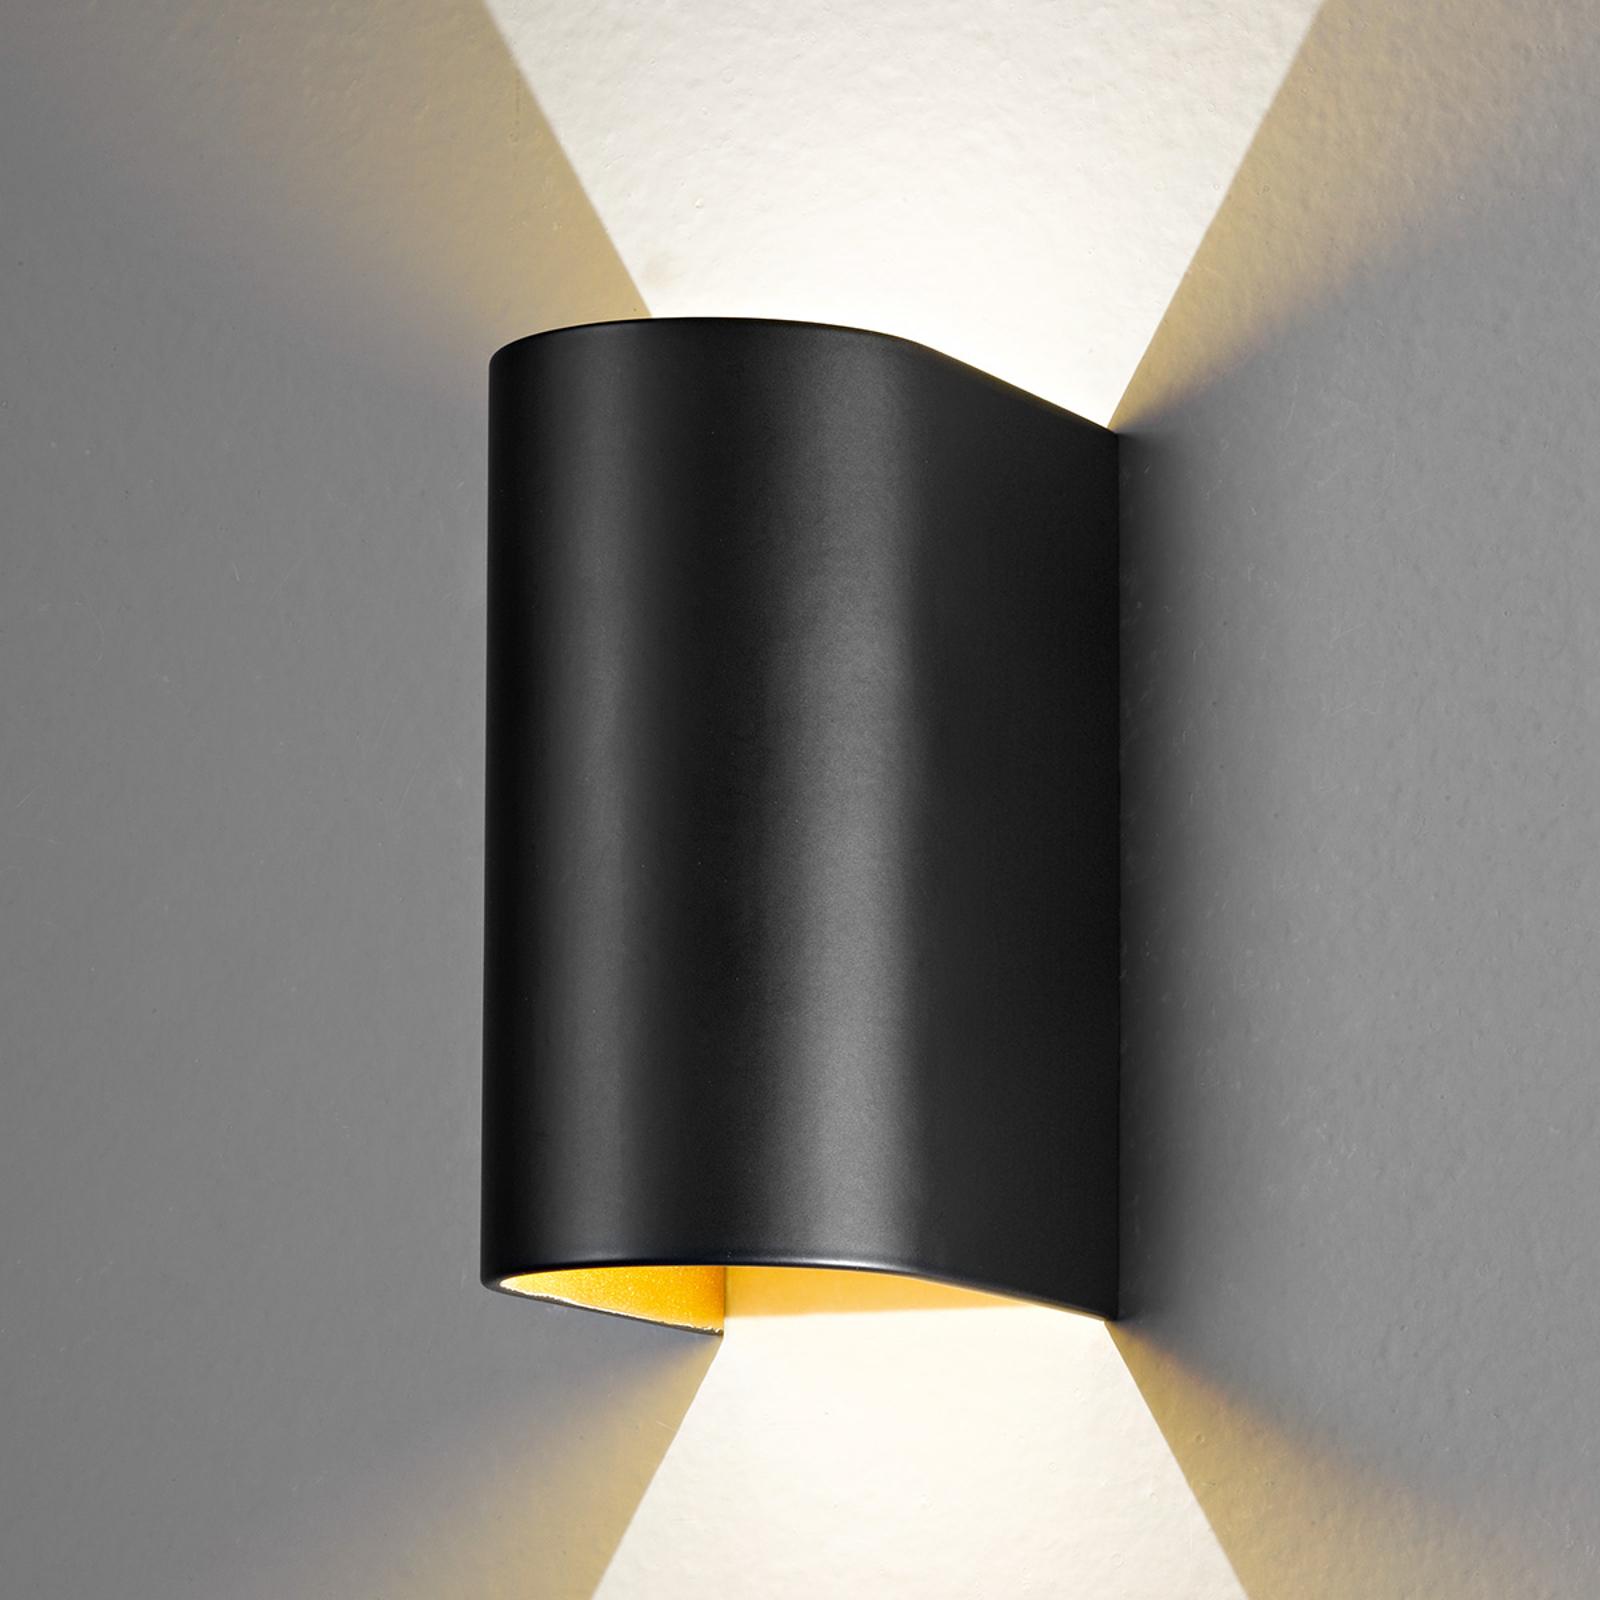 Kinkiet LED Feeling, czarno-złoty